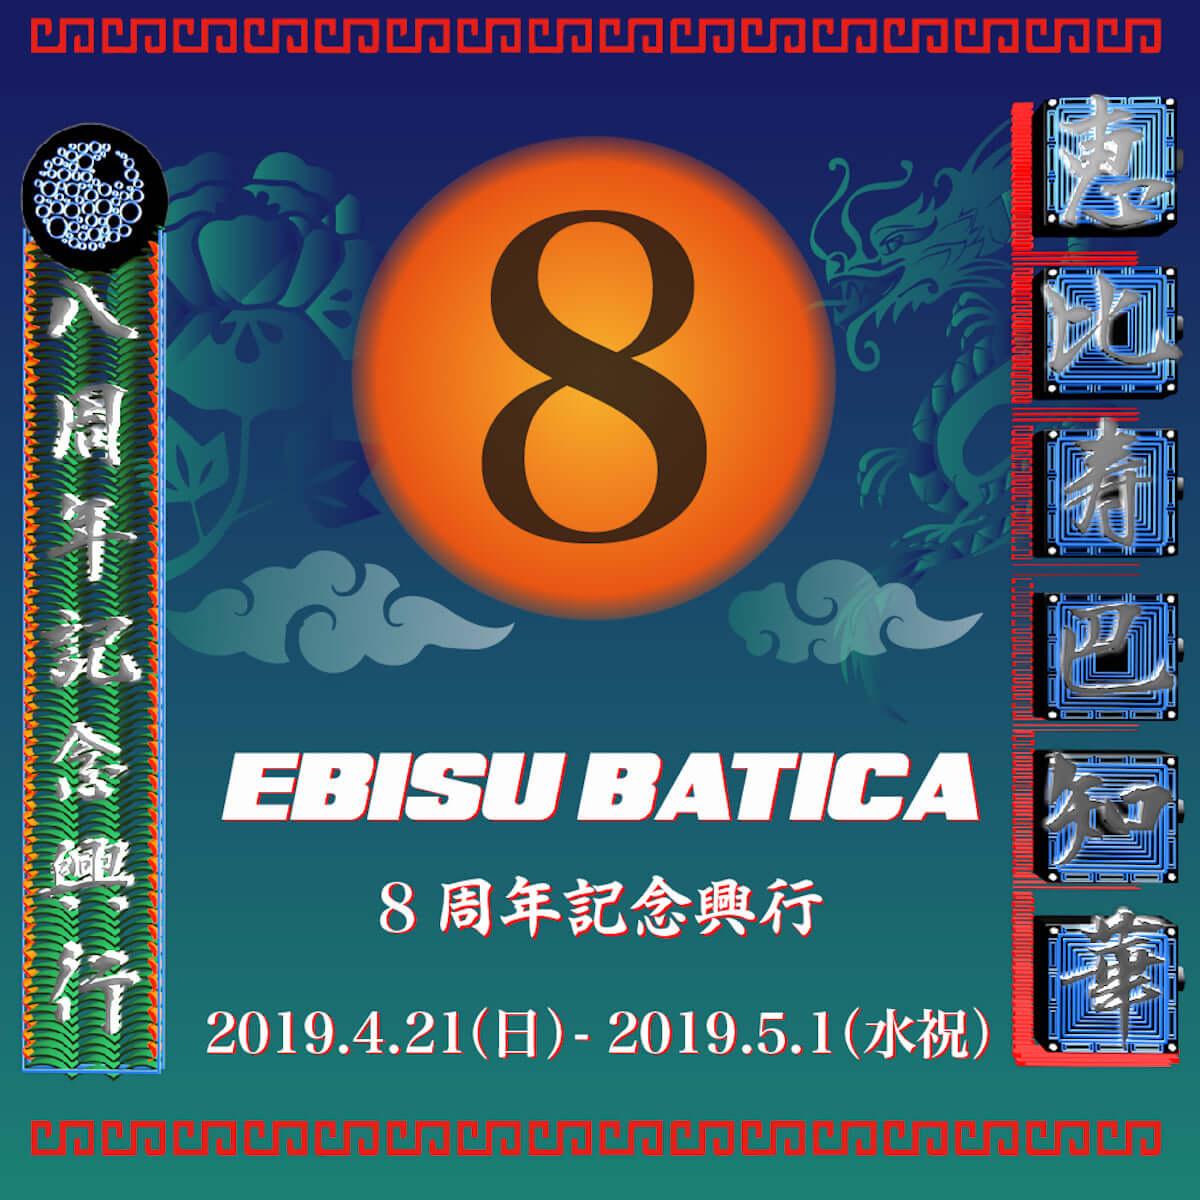 恵比寿BATICA 8周年記念パーティ「TV」が開催|仙人掌、BASI、jjj、in-d、JUBEE、koedawg、TSUBAMEら豪華アーティストが続々登場! music190417-ebisu-batica-8th-anniversary-tv-1-1200x1200